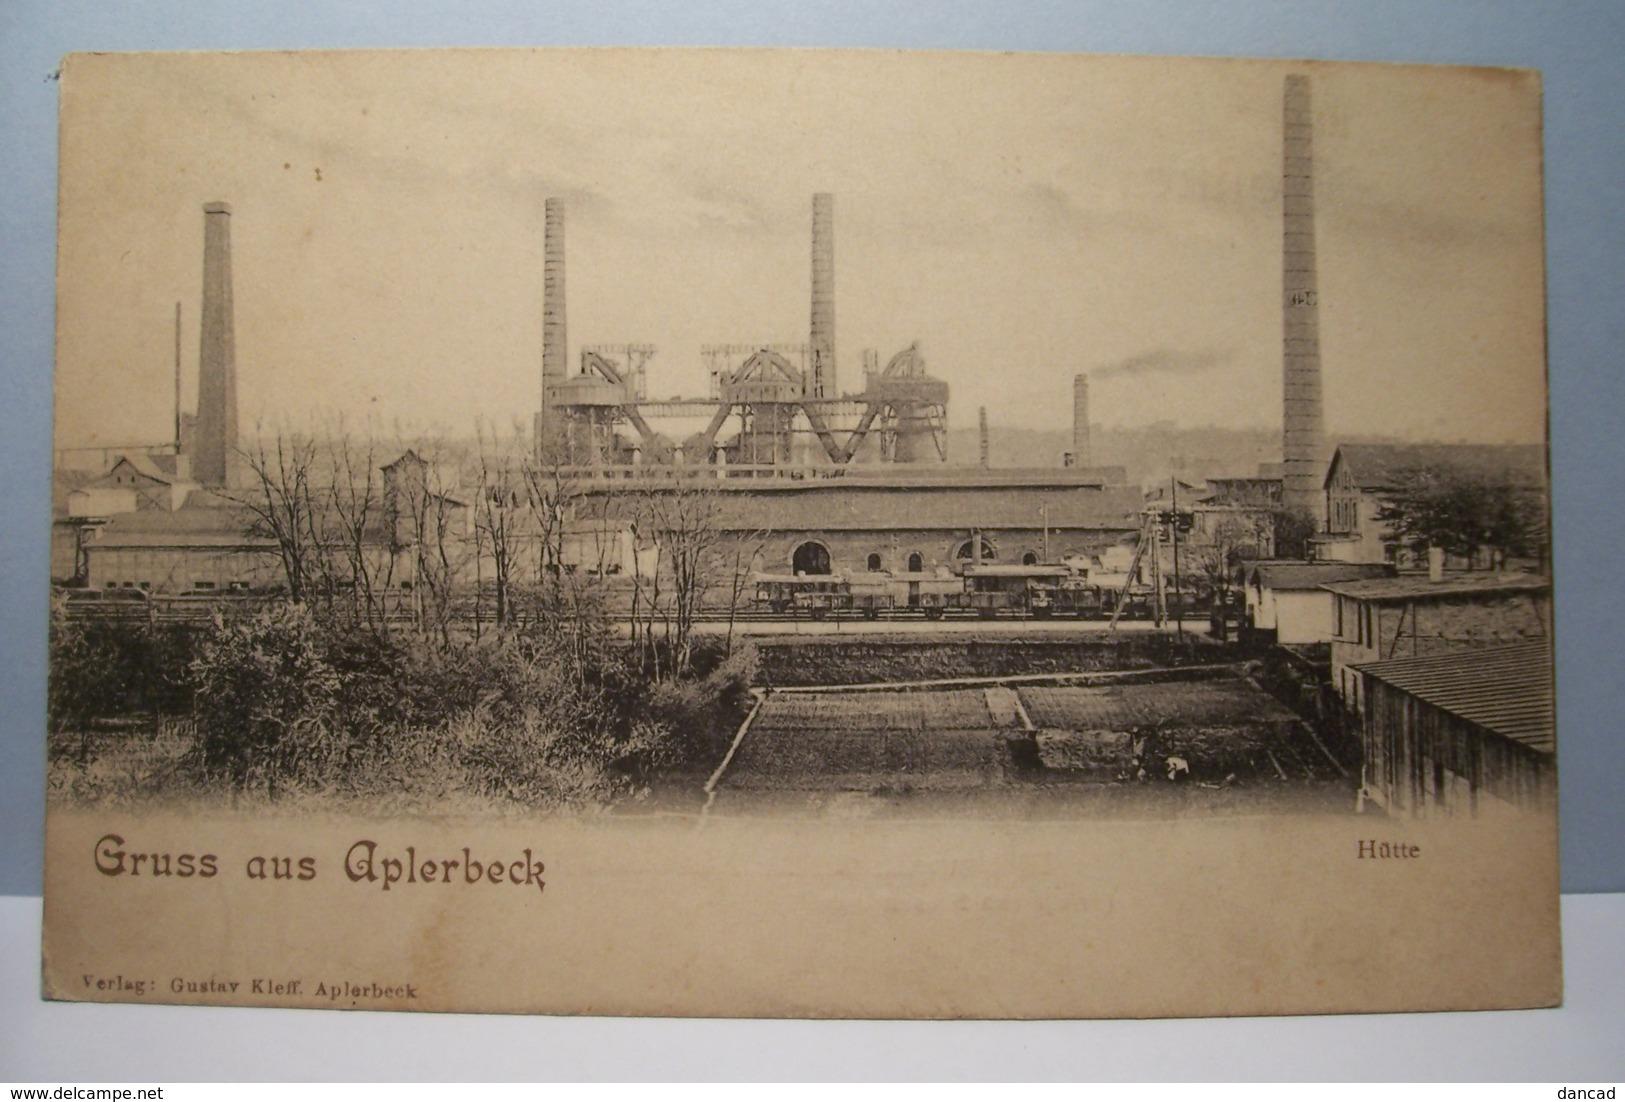 GRUSS   Aus  APLERBECK   - Hutte - Deutschland